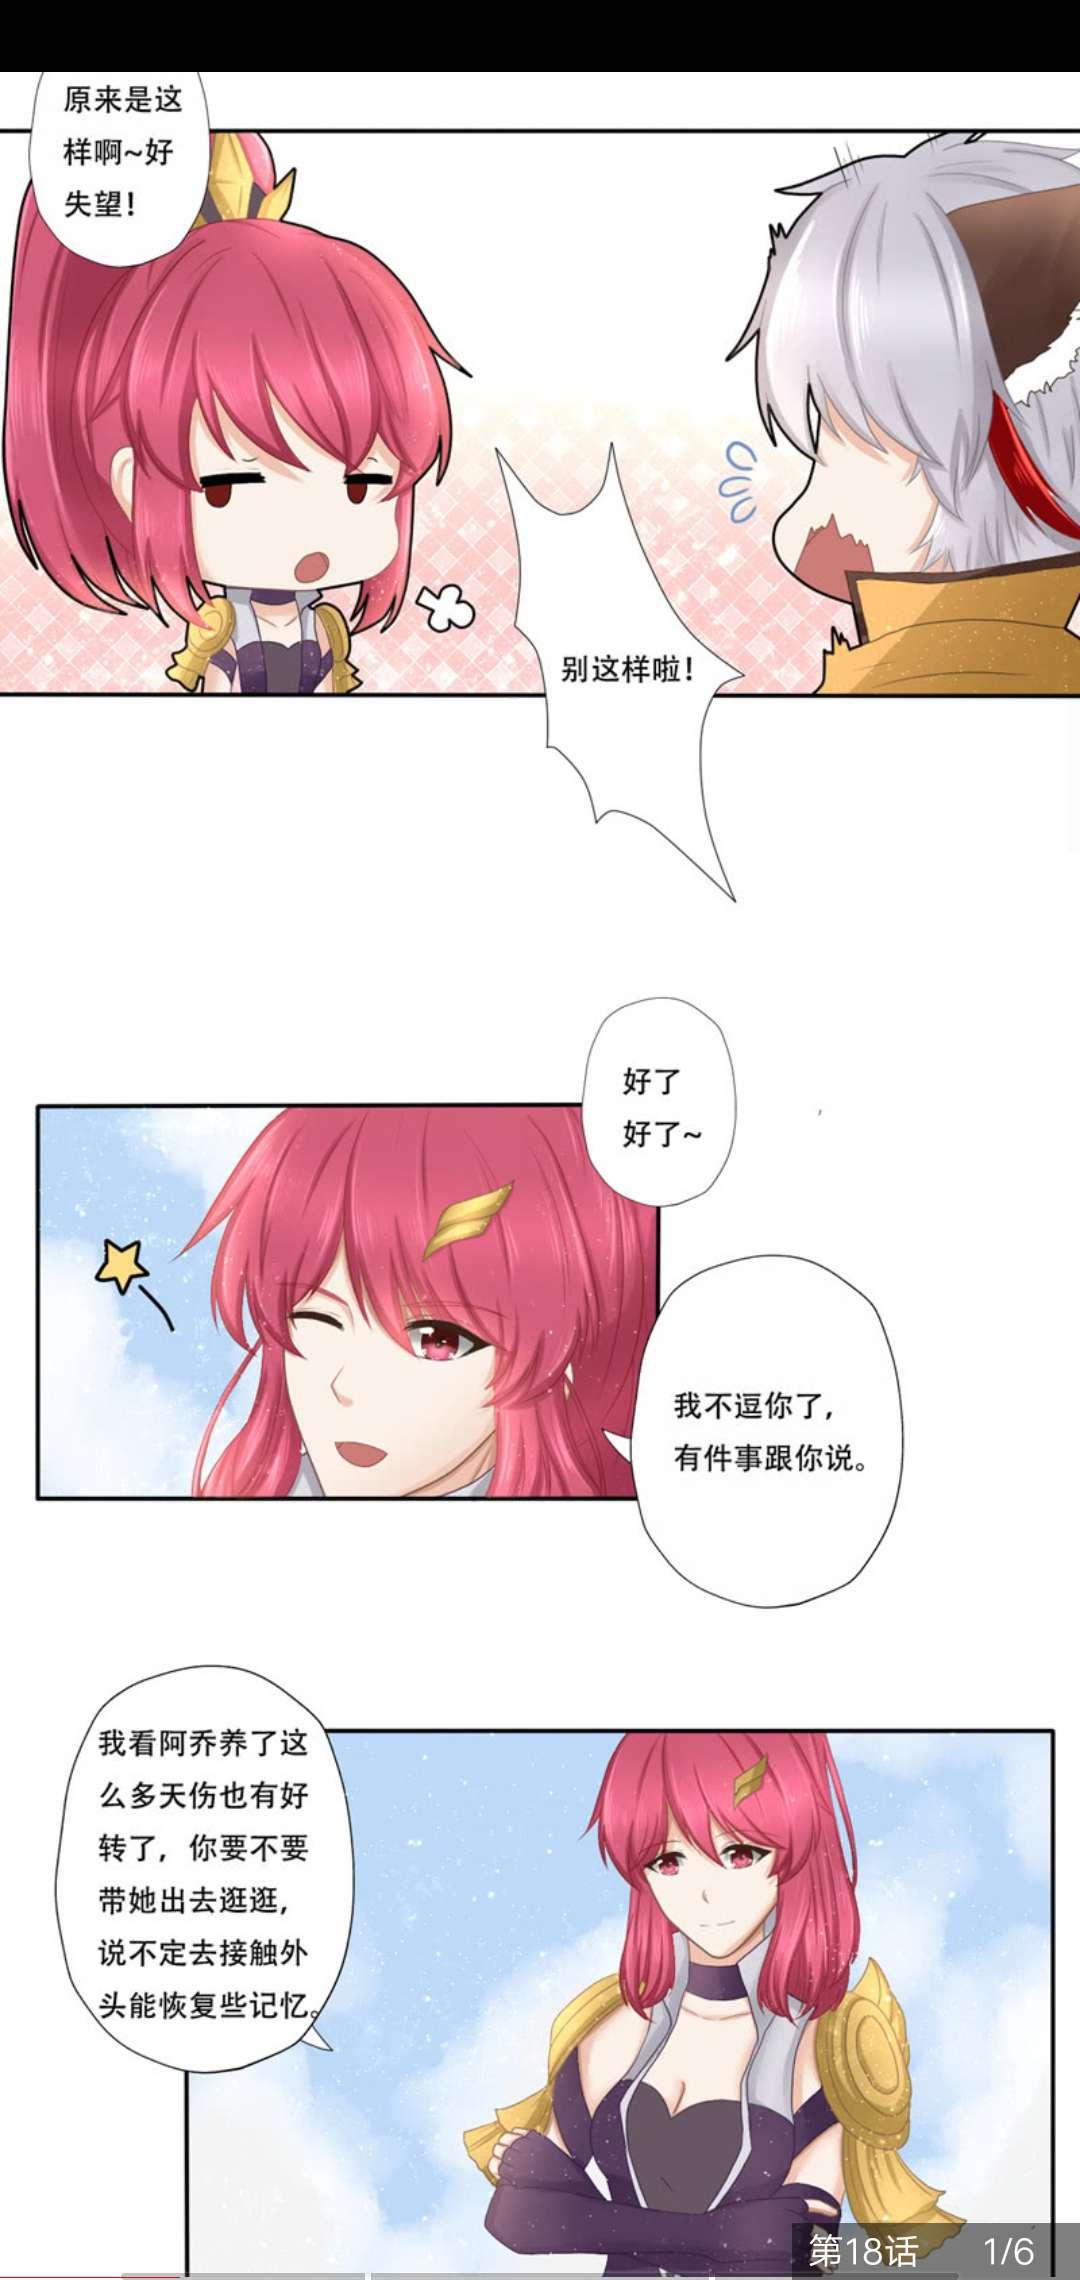 【漫画更新】约乔:梦回